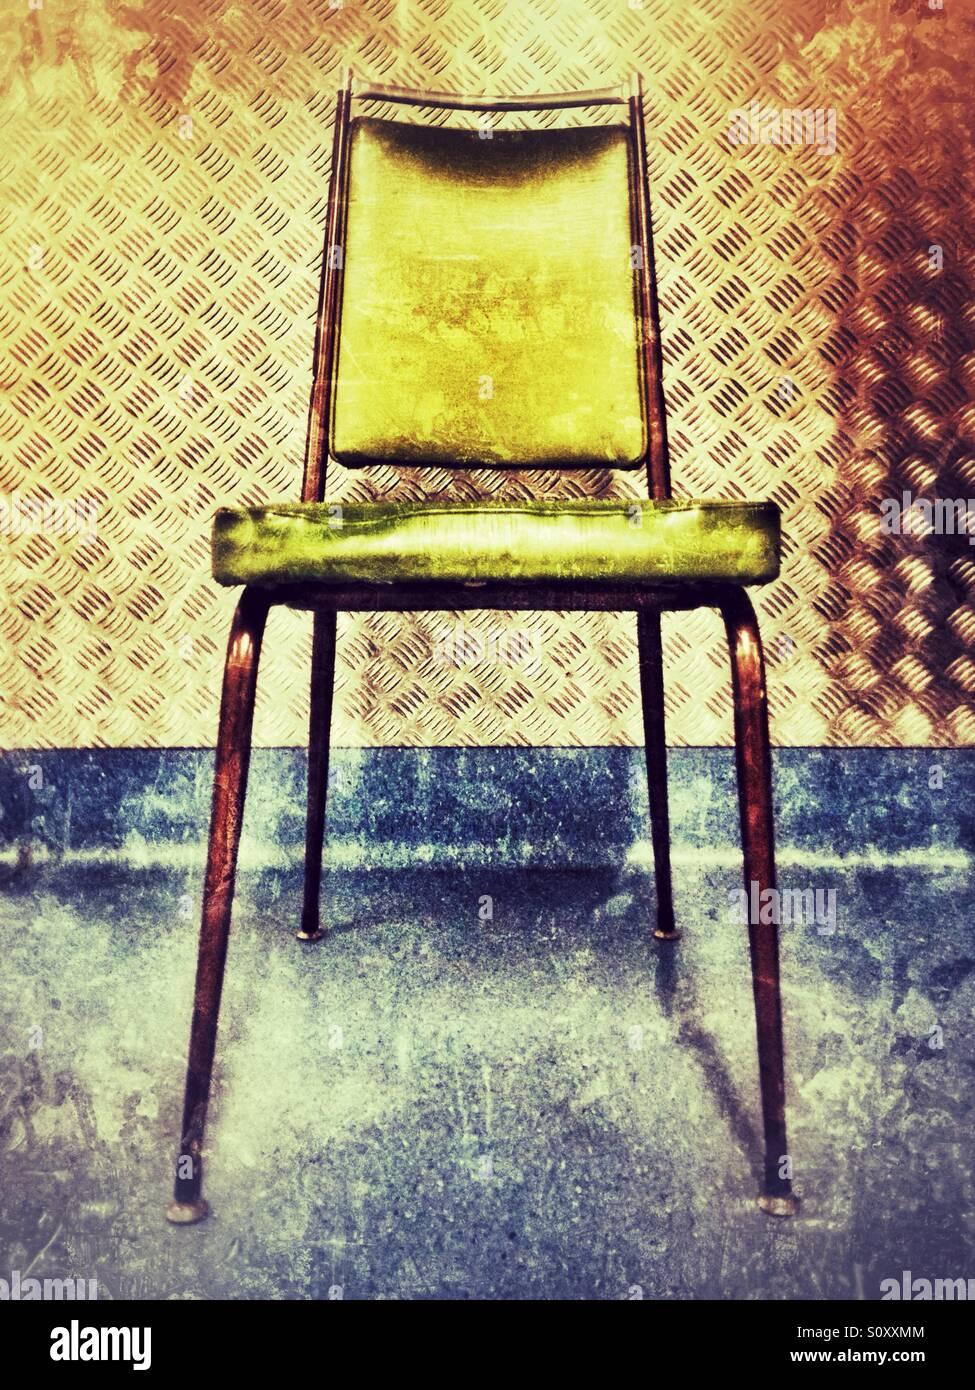 Sedia contro una parete. Immagini Stock